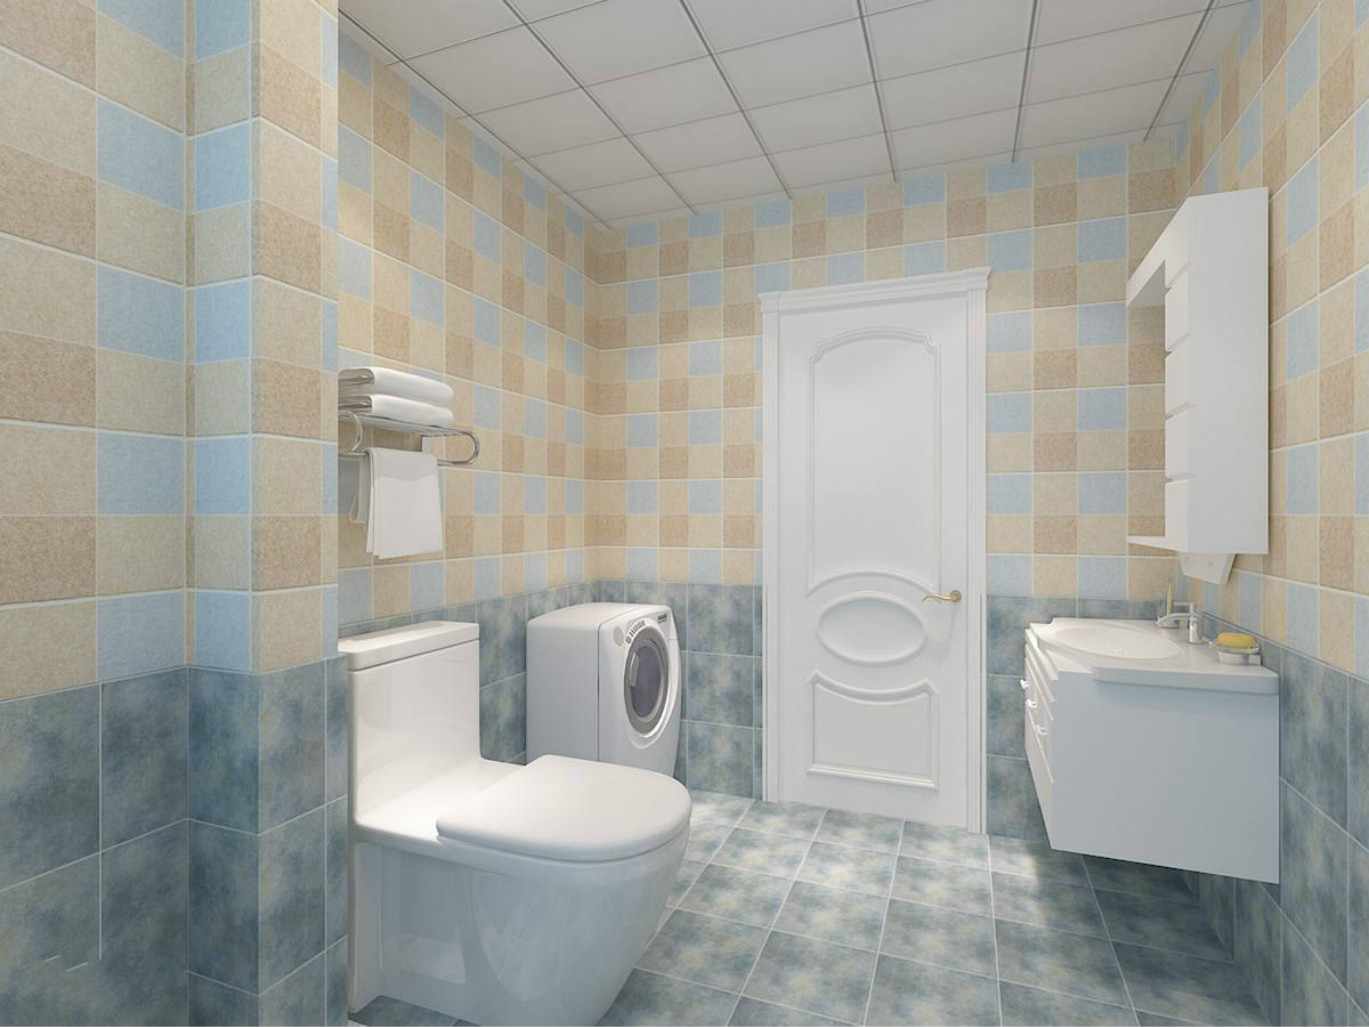 卫生间整体比较干净整洁